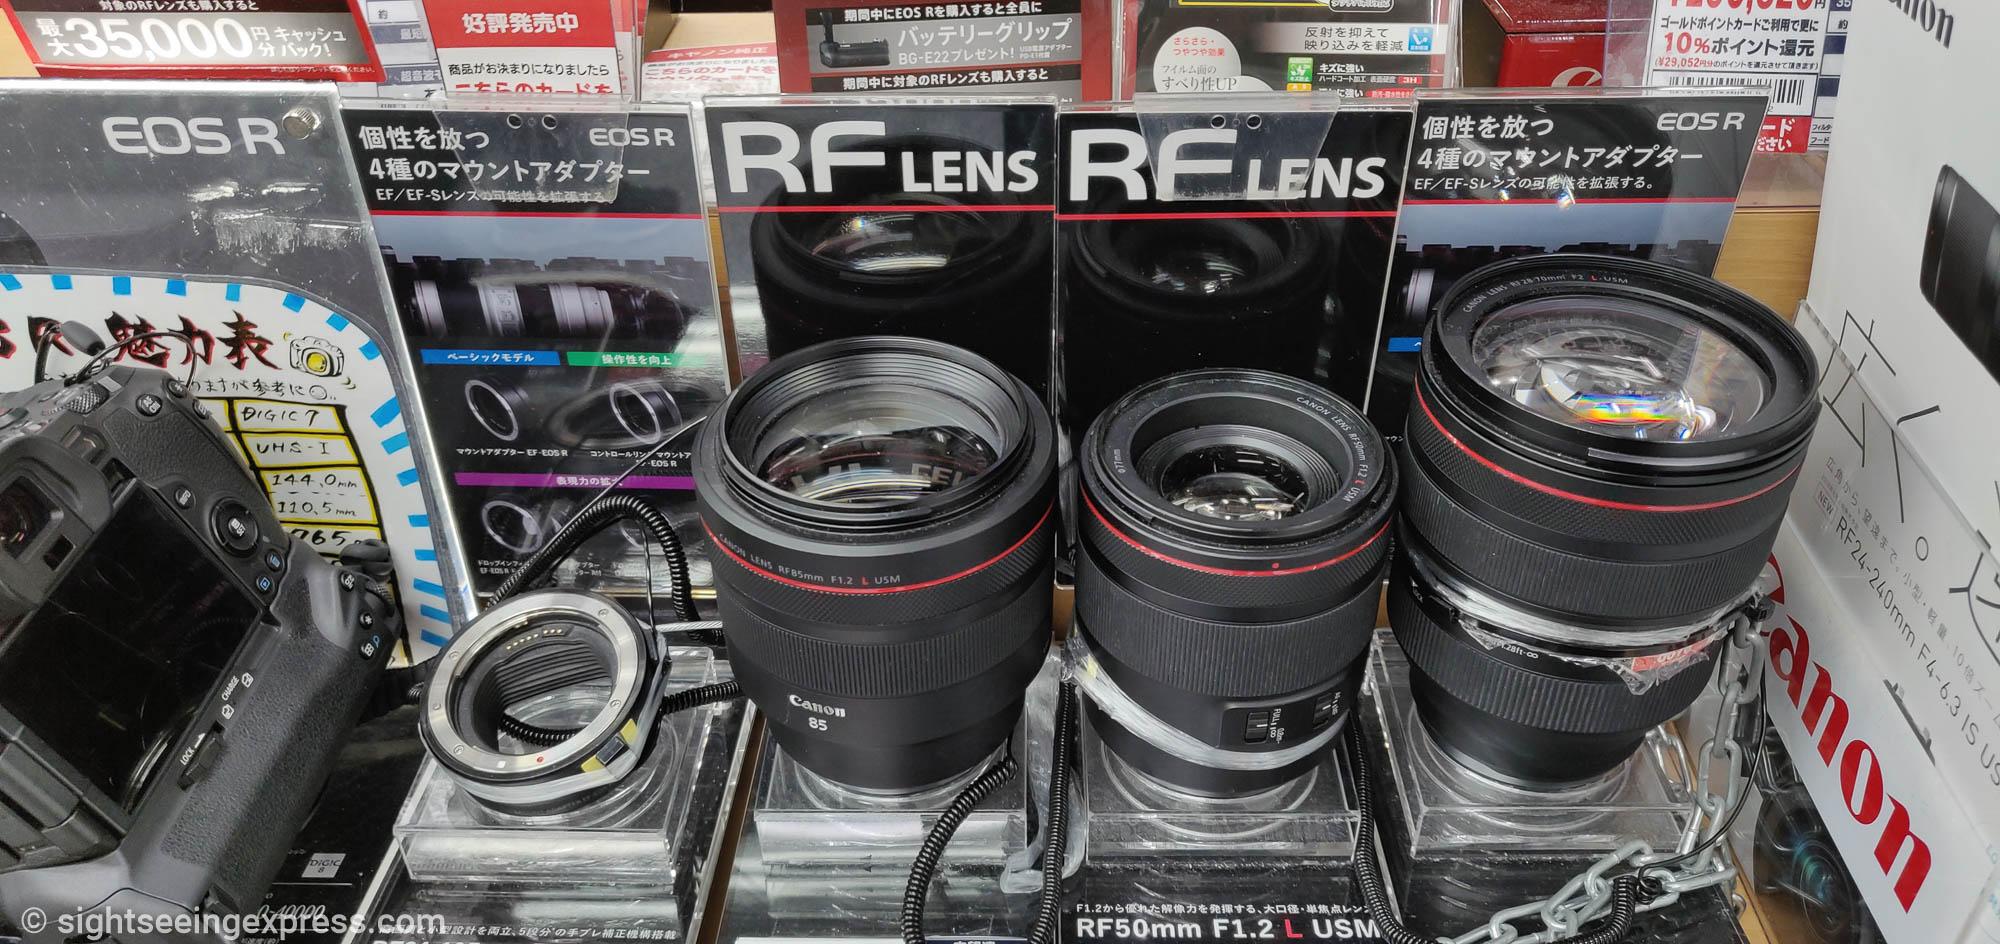 Yodobashi Camera Umeda - Amazing Photography Store in Osaka